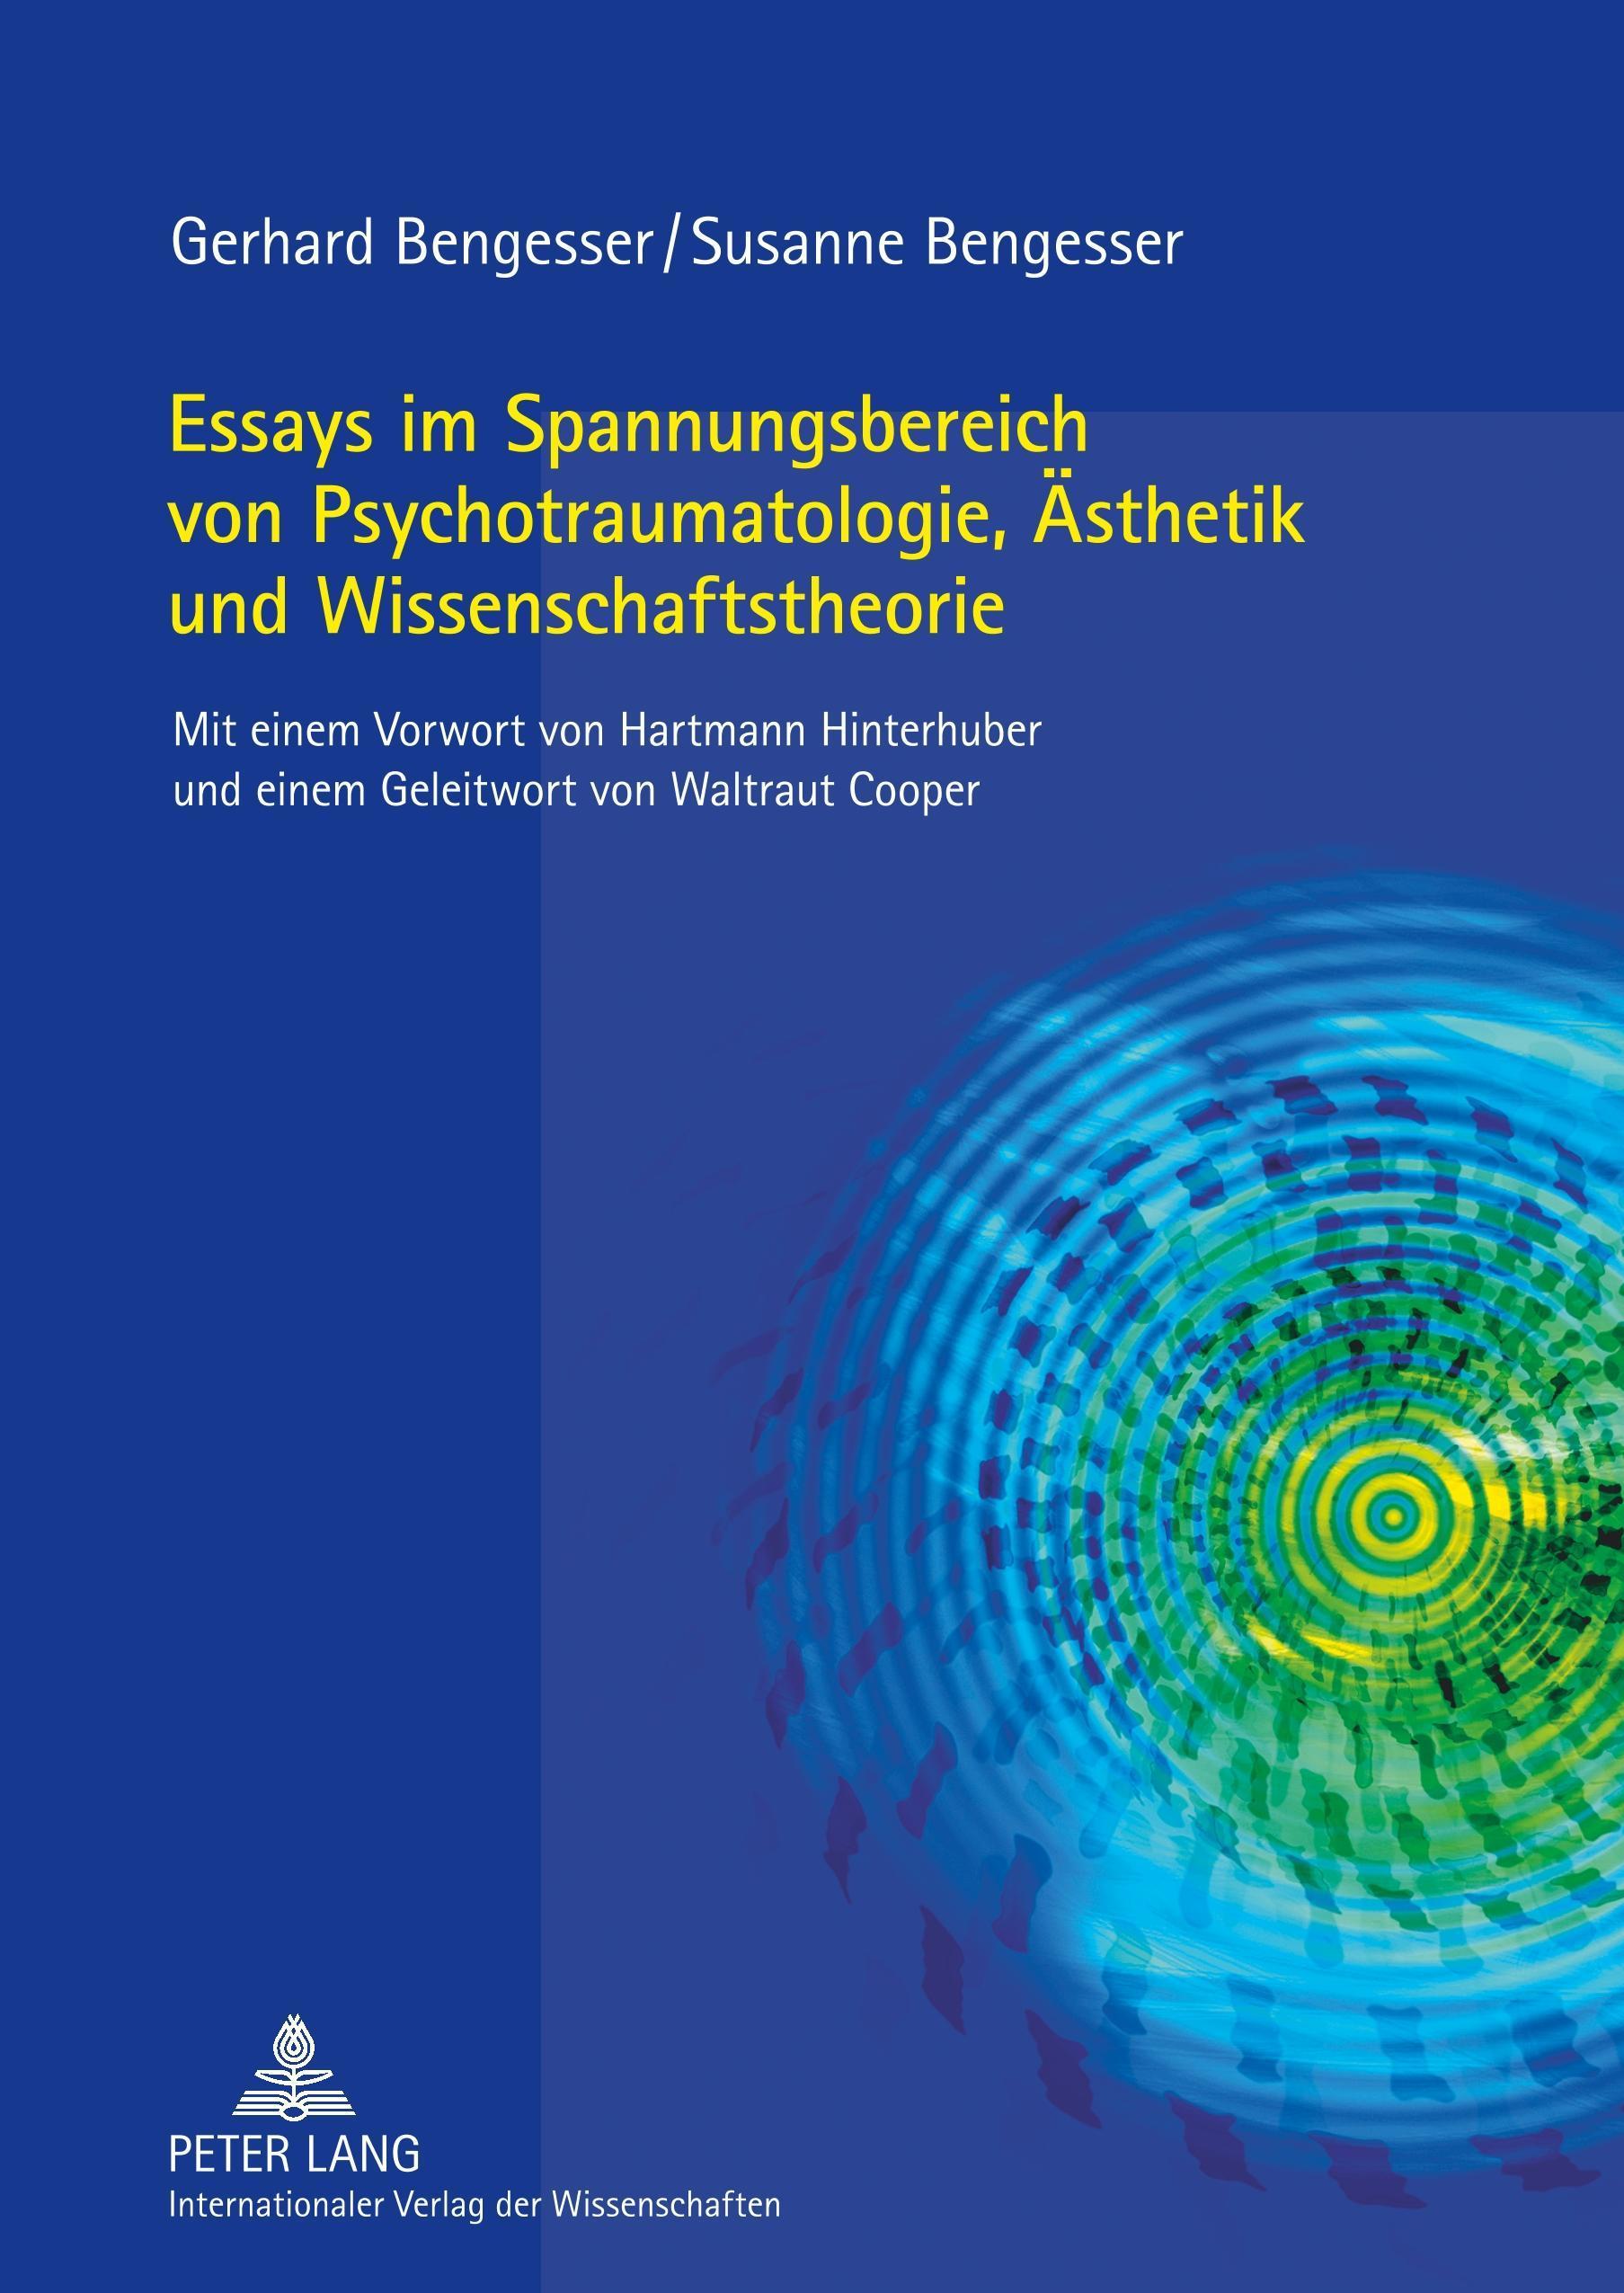 Essays-im-Spannungsbereich-von-Psychotraumatologie-Asthetik-und-Wissenscha